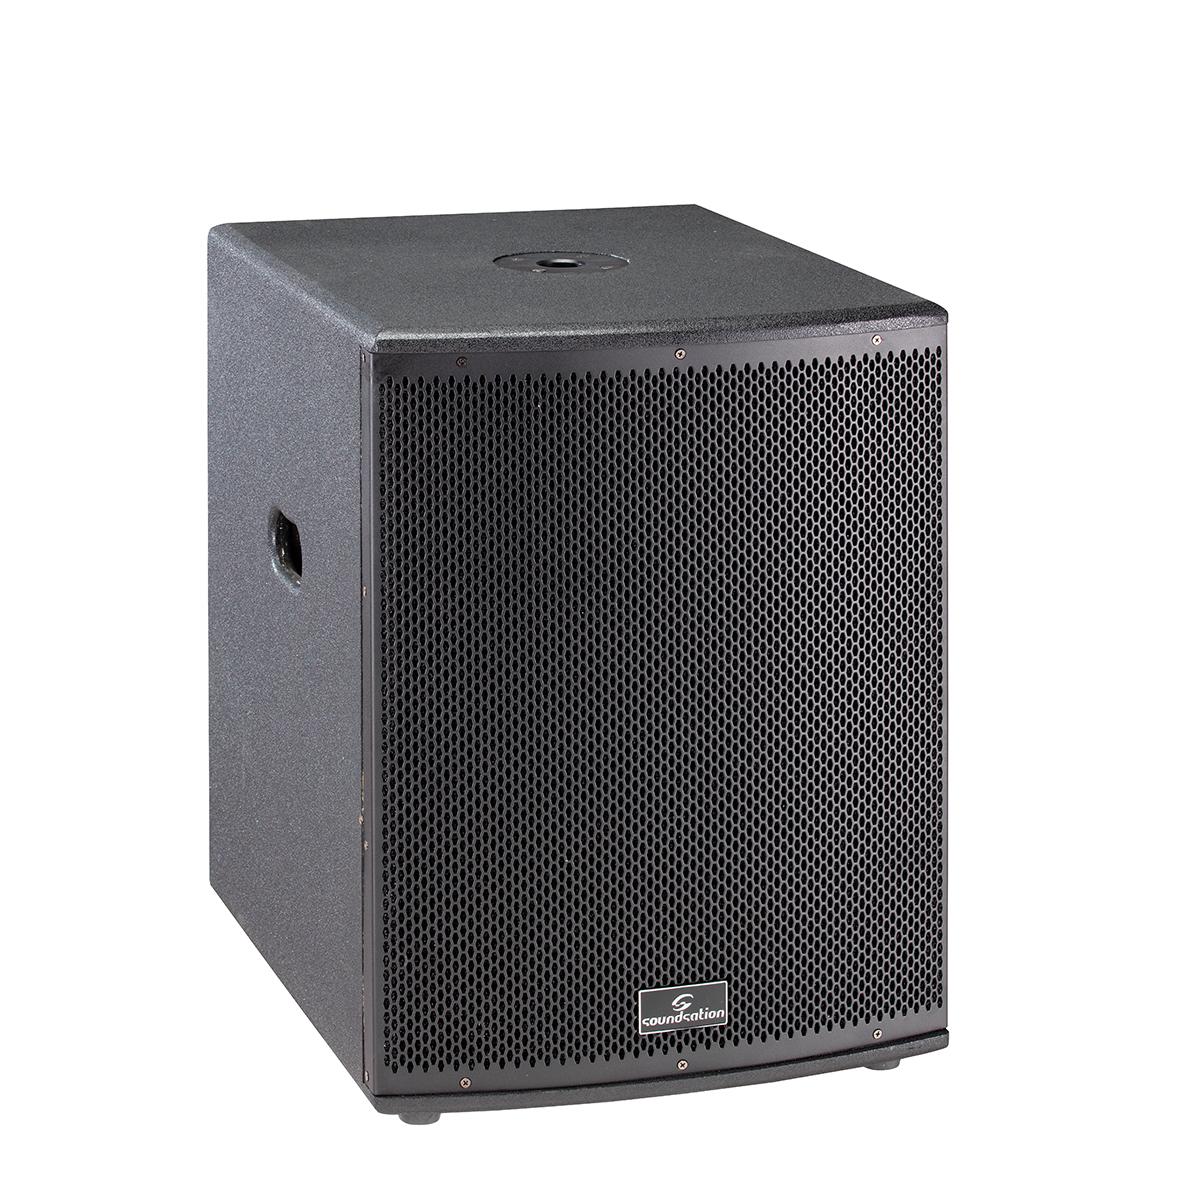 SUBWOOFER ATTIVO SOUNDSATION HYPER BASS 15A 1200W